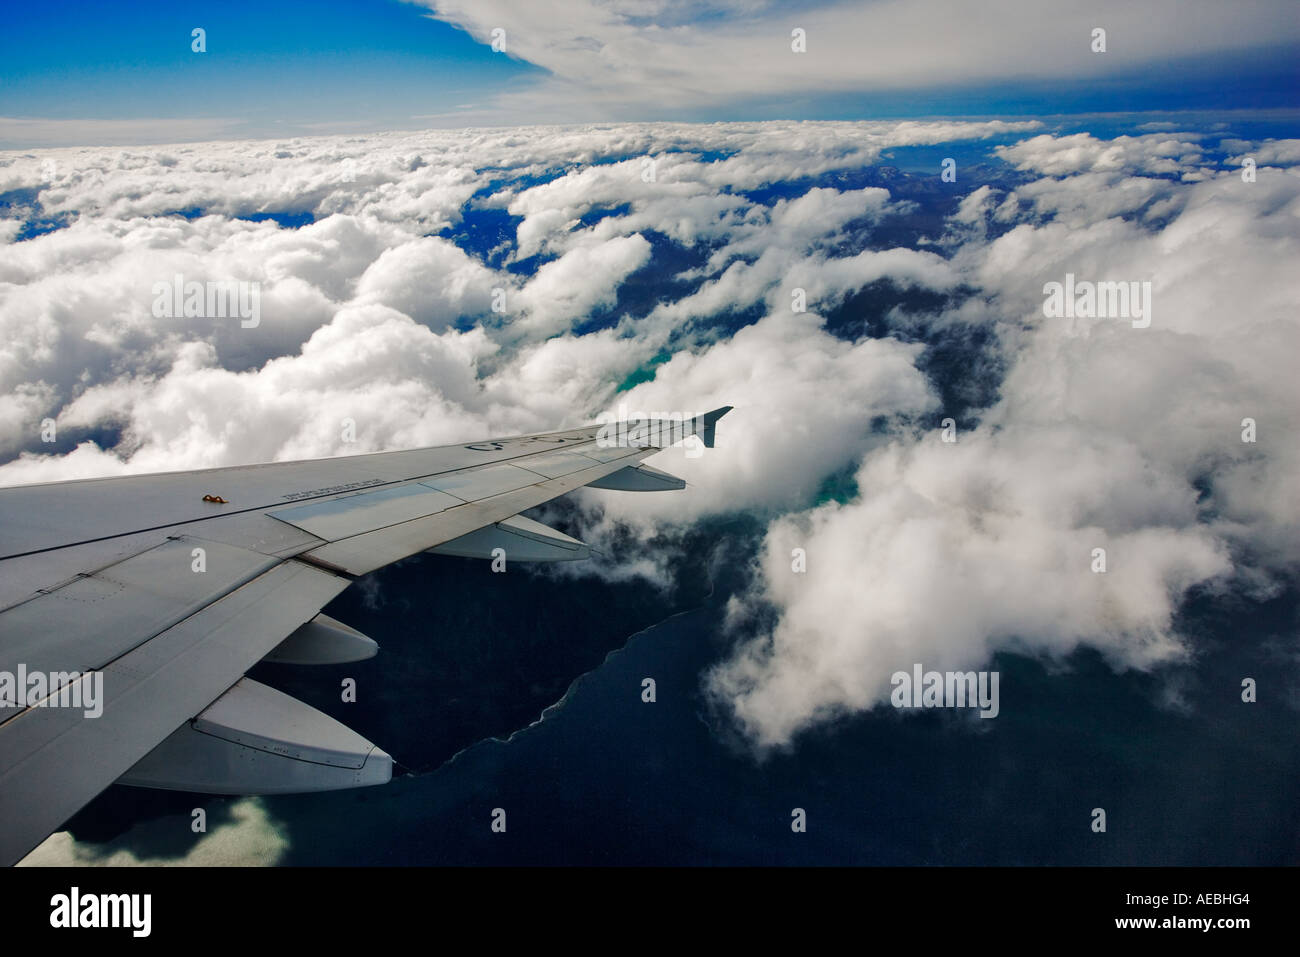 Passenger Aircraft wingtip. - Stock Image